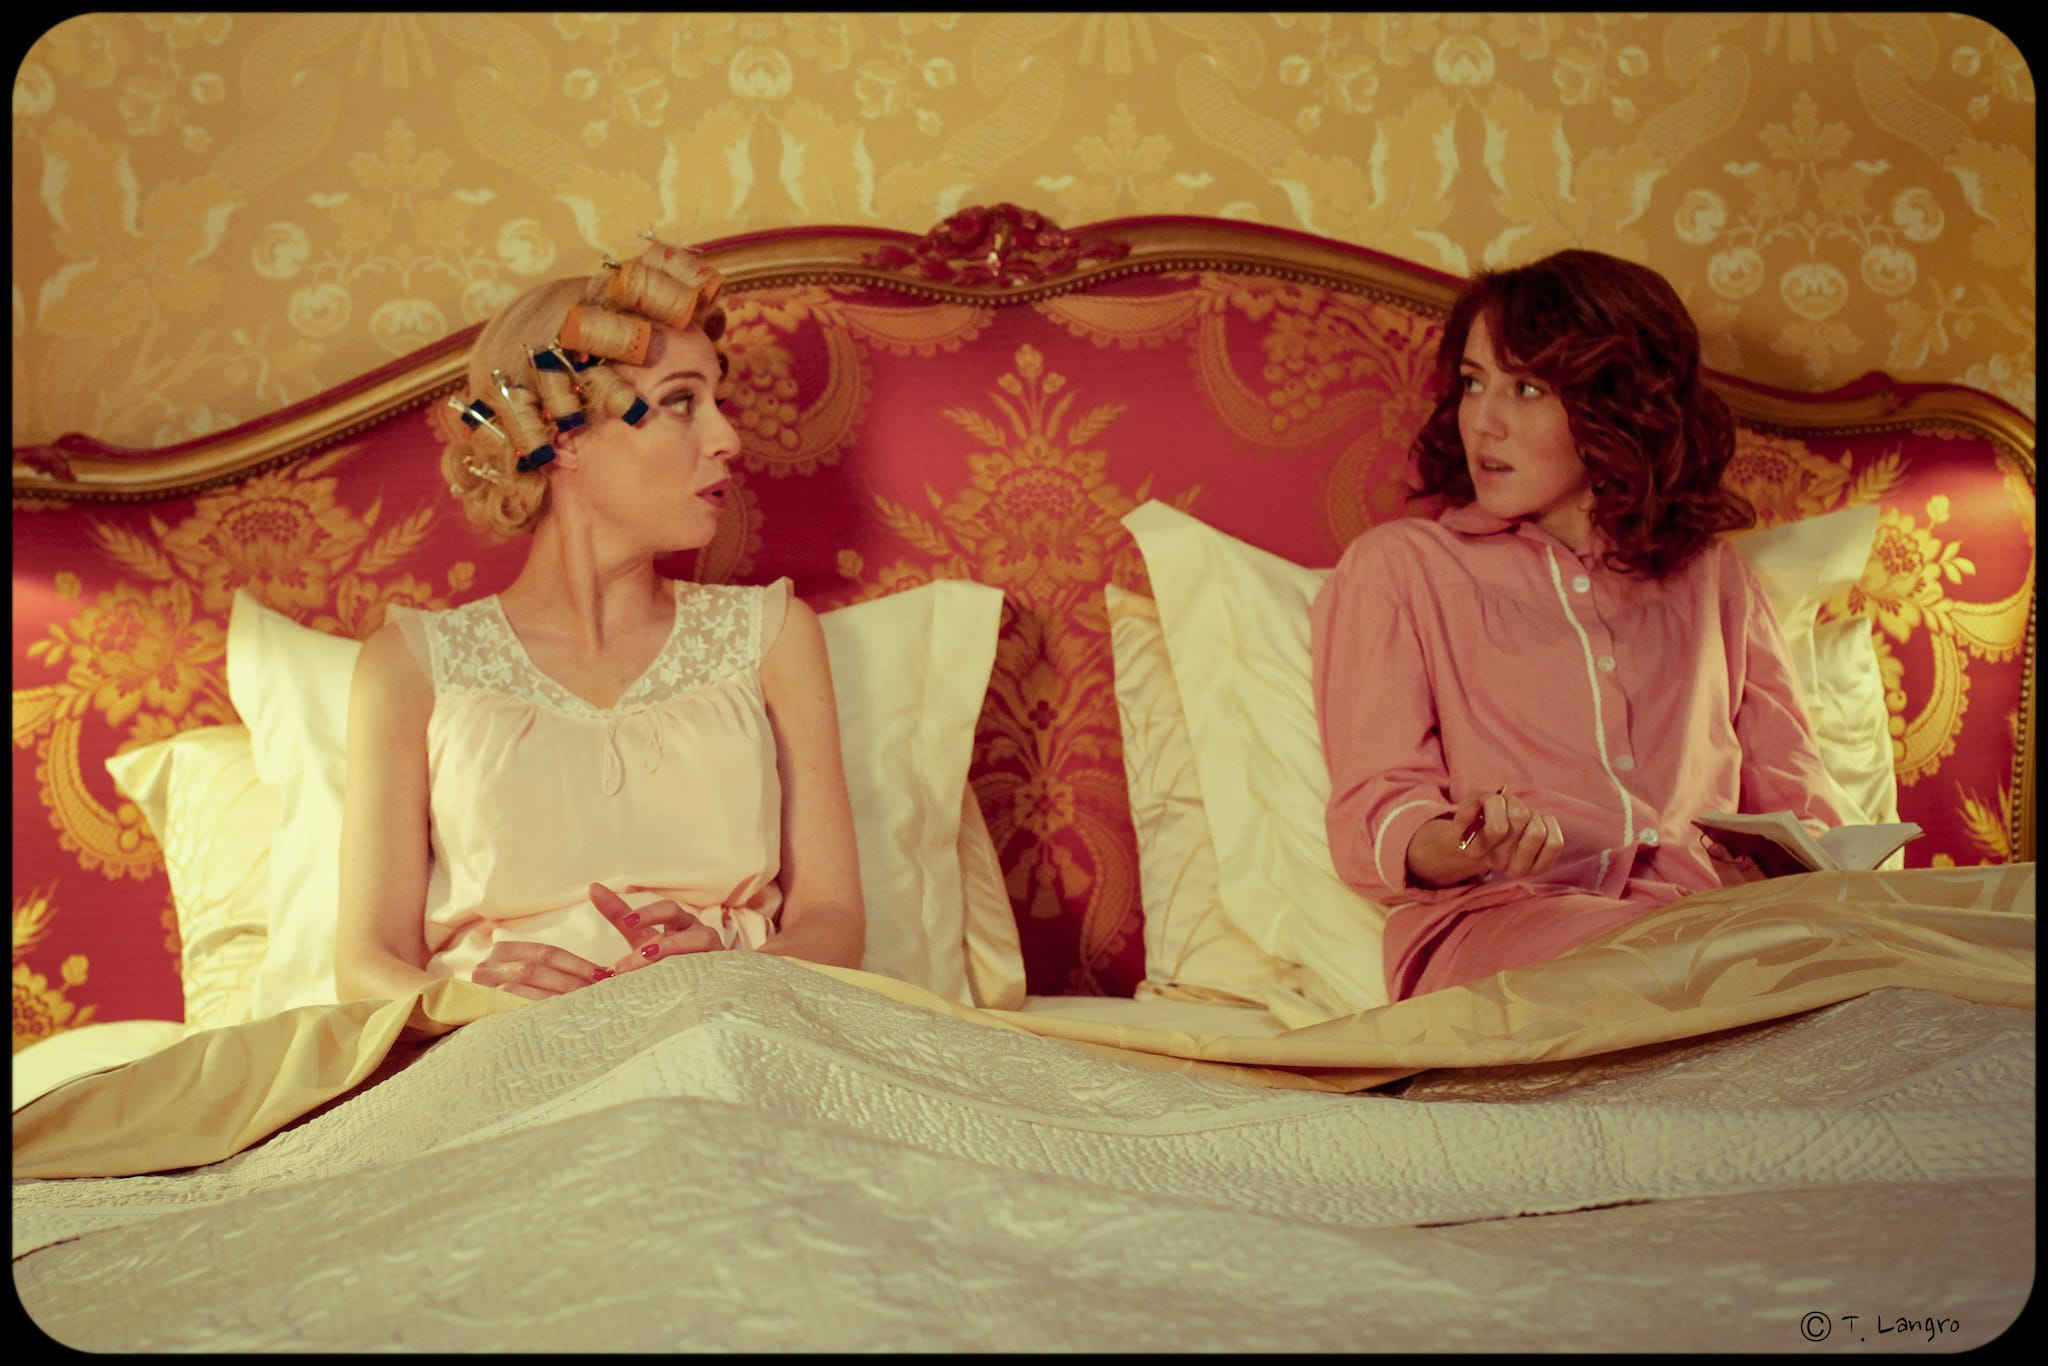 Les Petits Meurtres d'Agatha Christie épisodes La mystérieuse affaire de Styles photo série télé